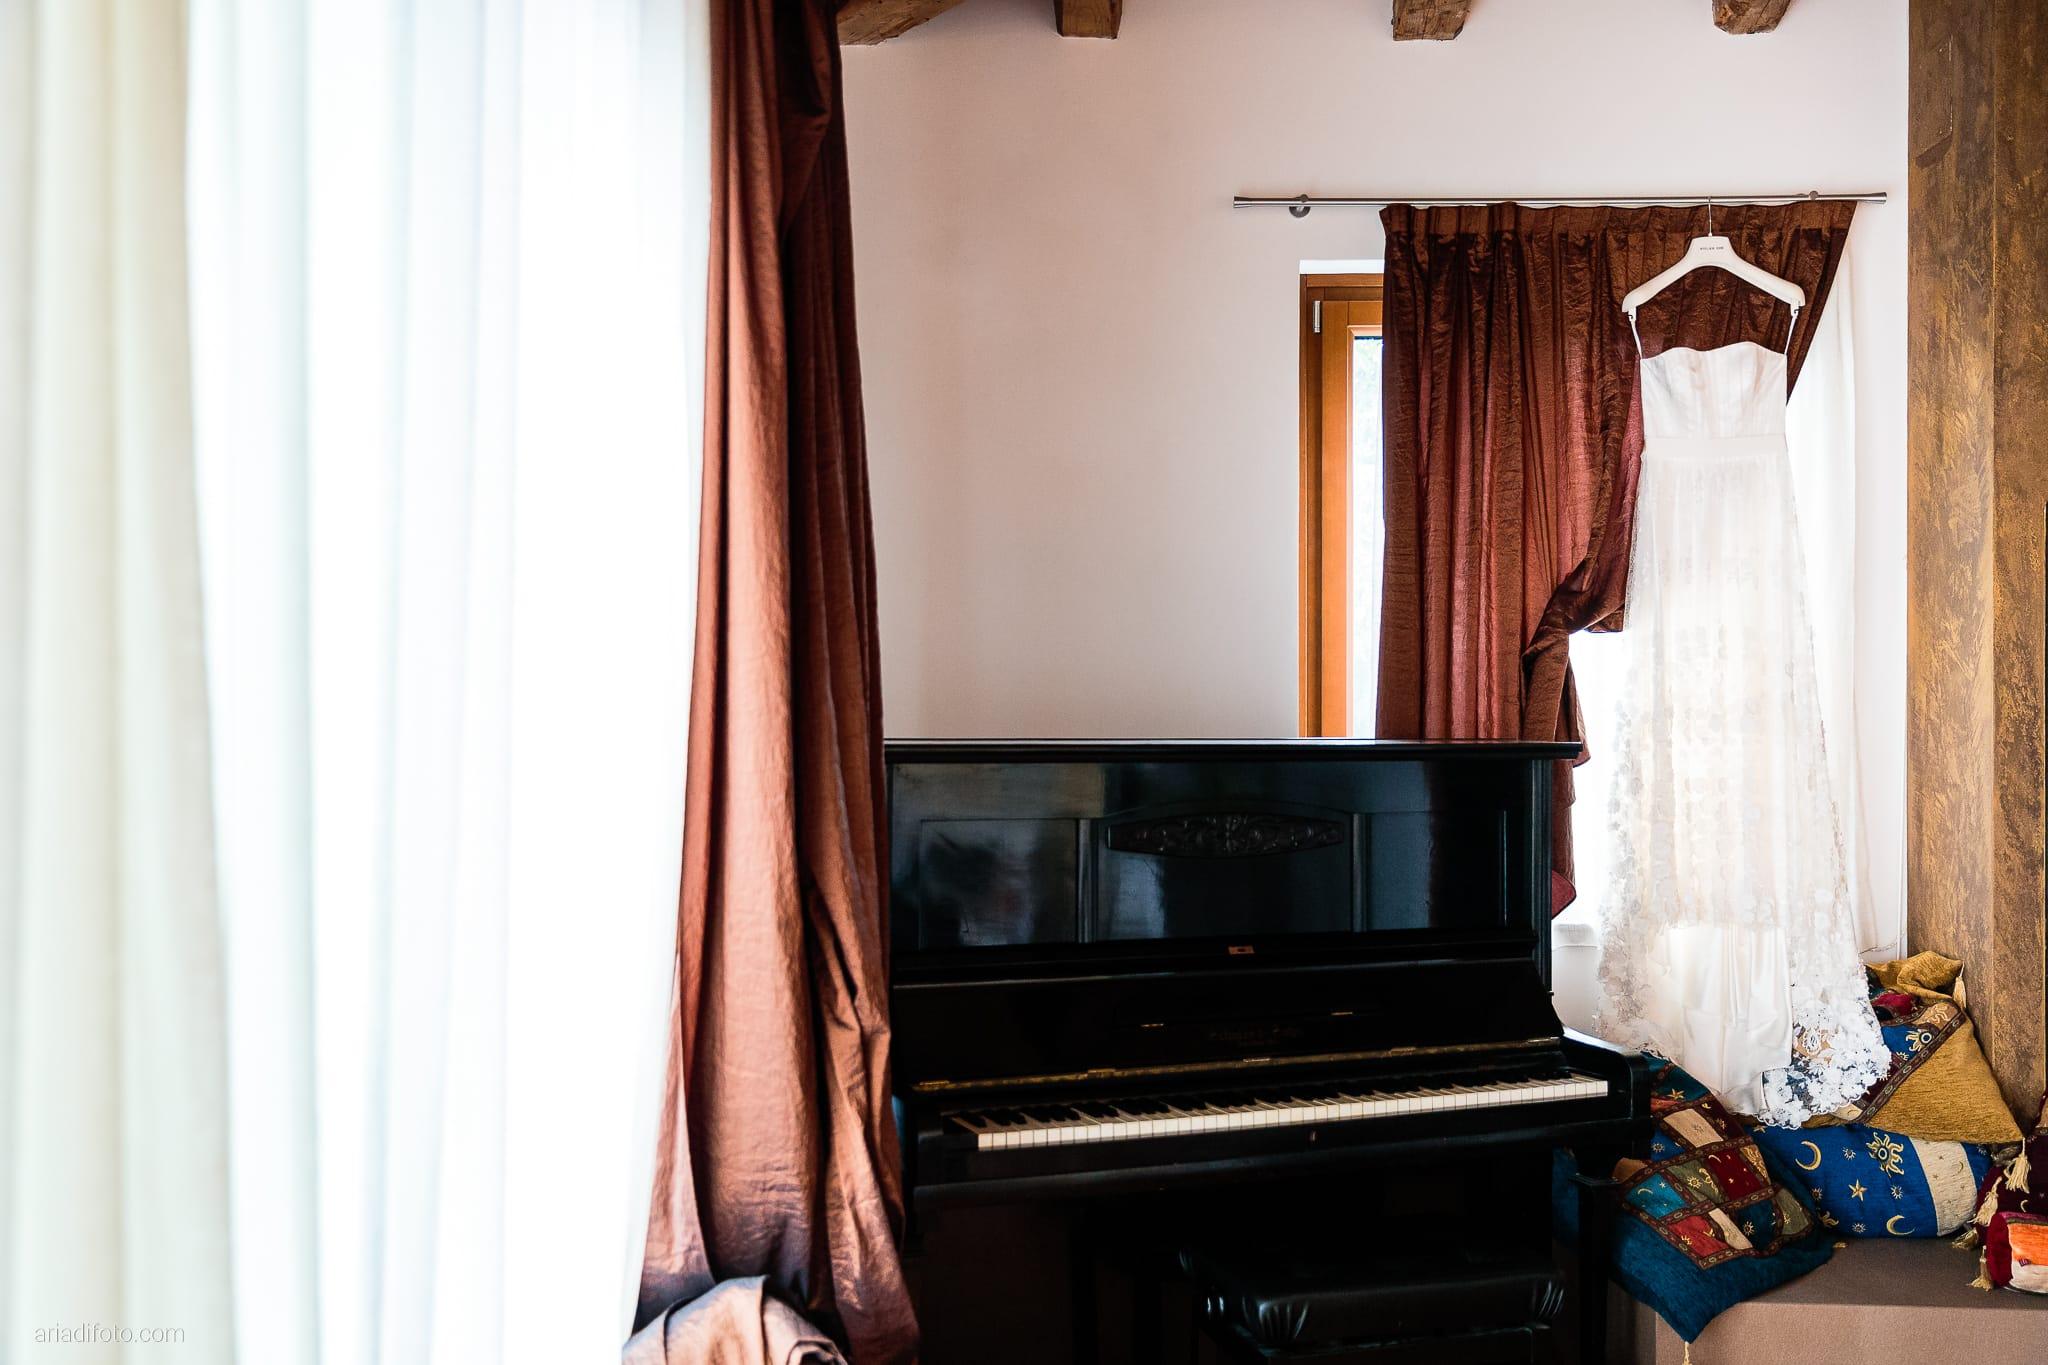 Francesca Andrea Matrimonio Muggia Porto San Rocco Marina San Giusto Trieste preparativi dettagli abito pianoforte